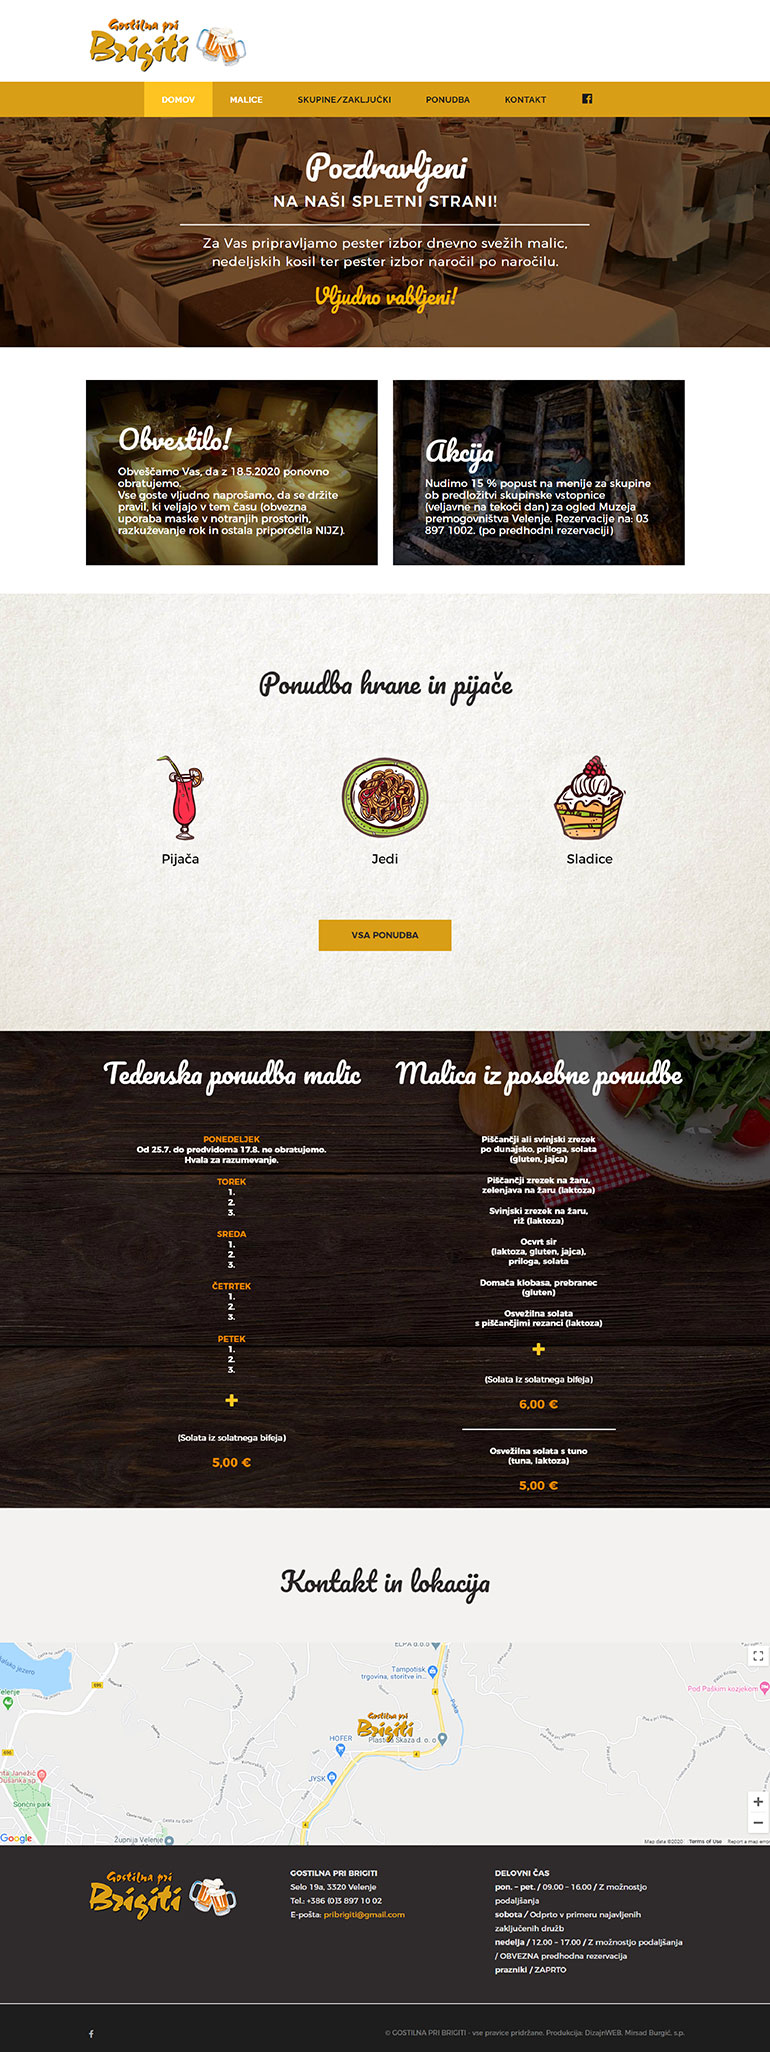 www.pribrigiti.si